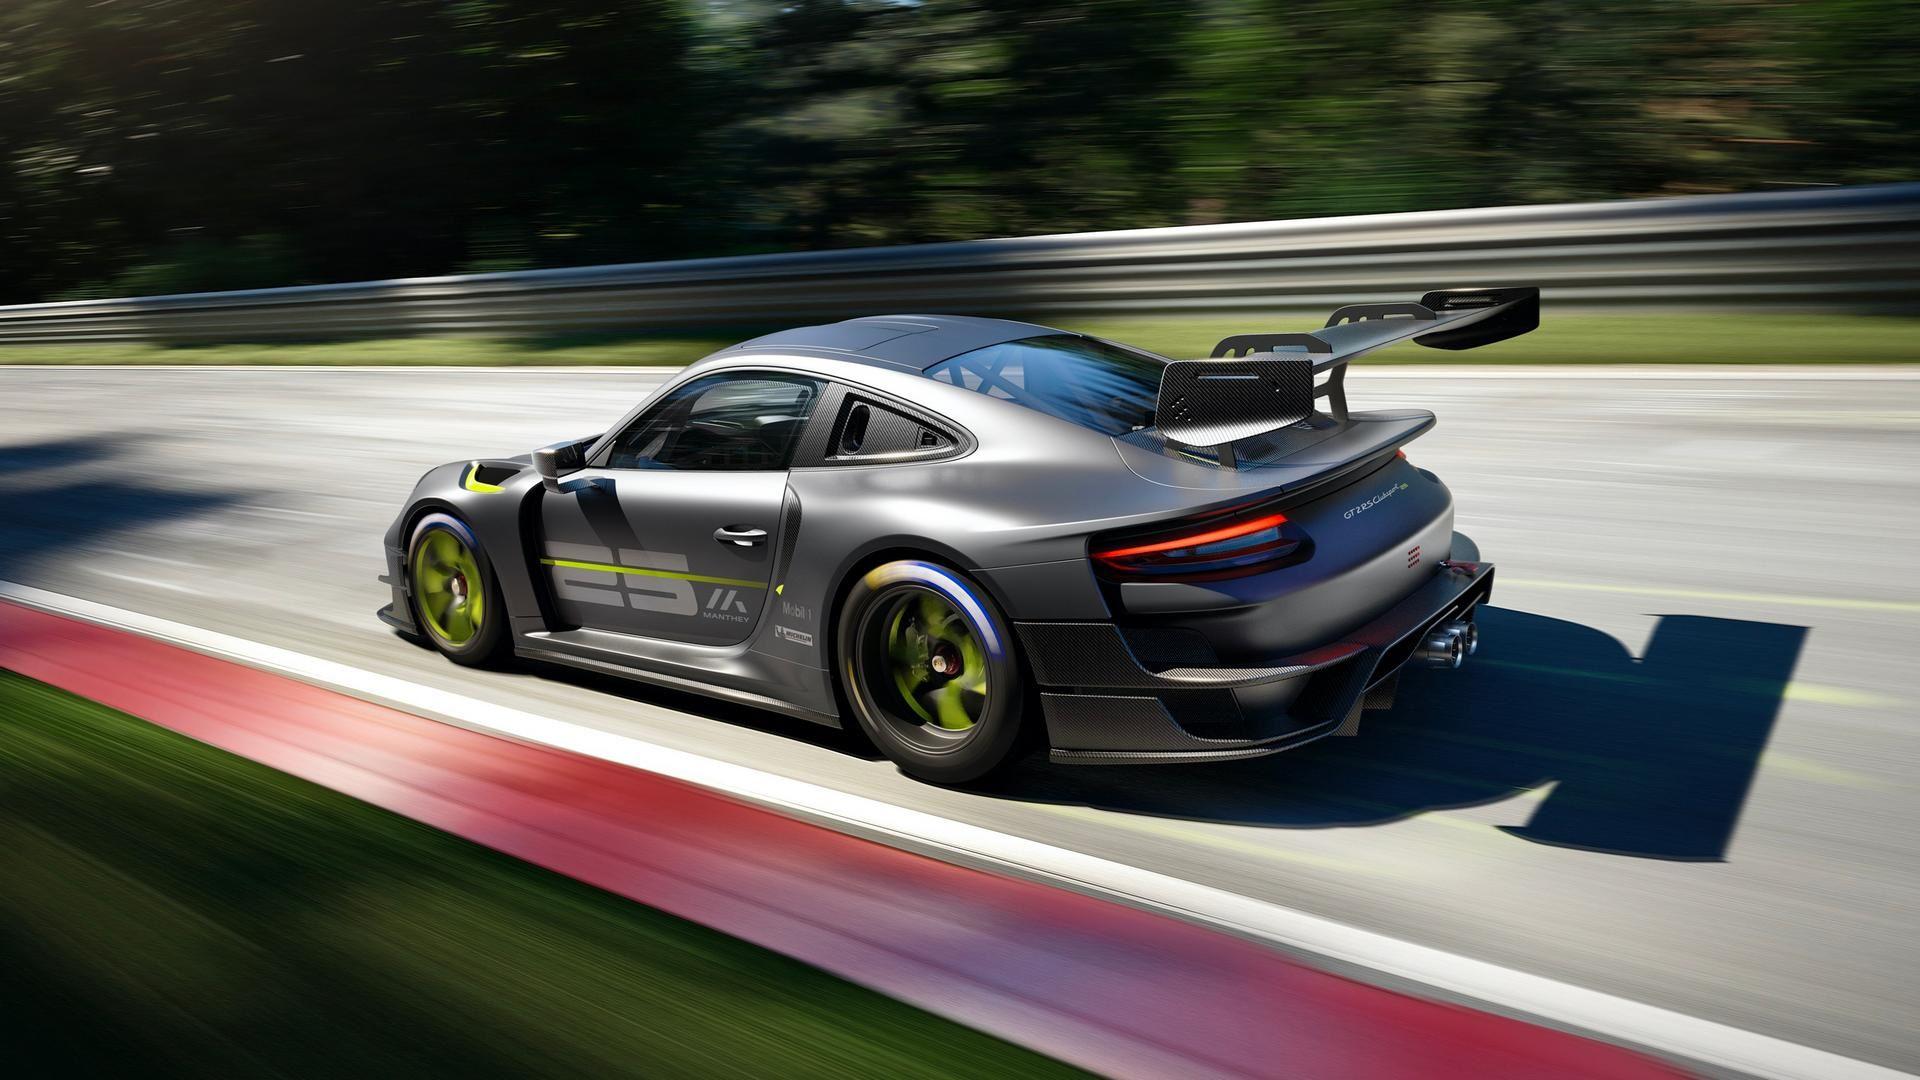 Porsche-911-GT2-RS-Clubsport-25-2